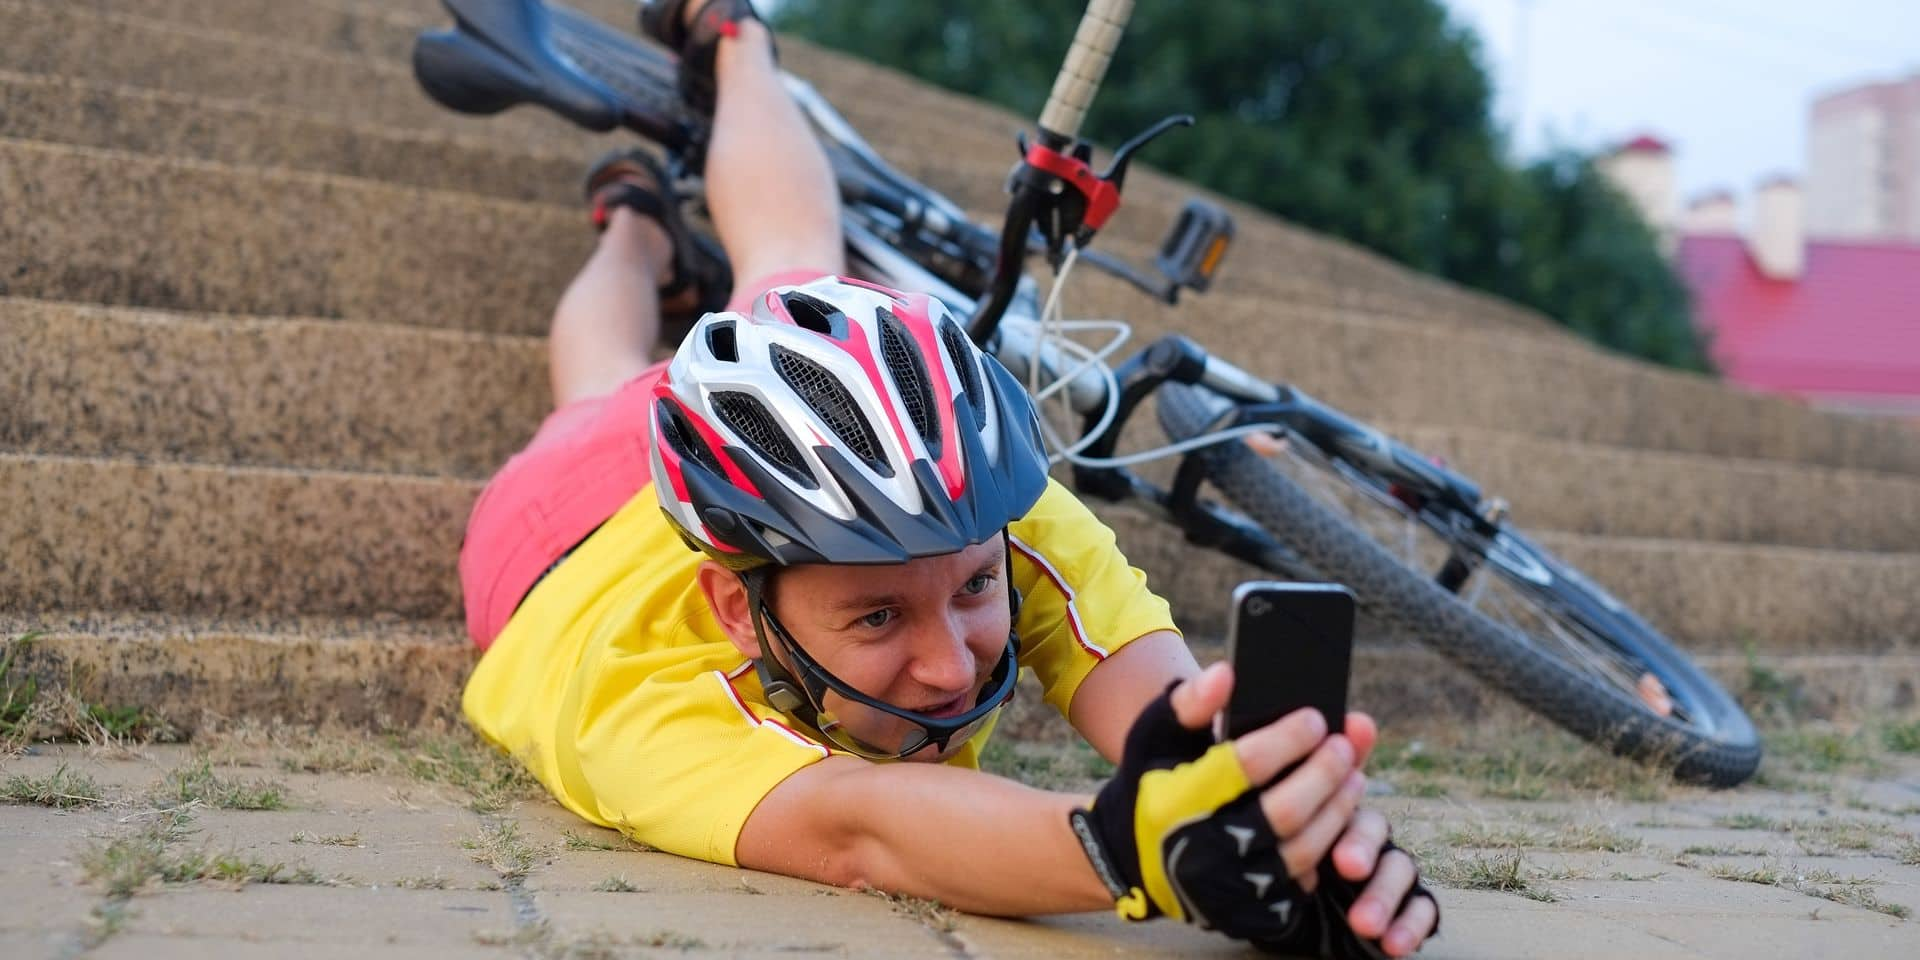 SMS au guidon, contresens, sans les mains: ces comportements à risques que les cyclistes avouent commettre sur la route !